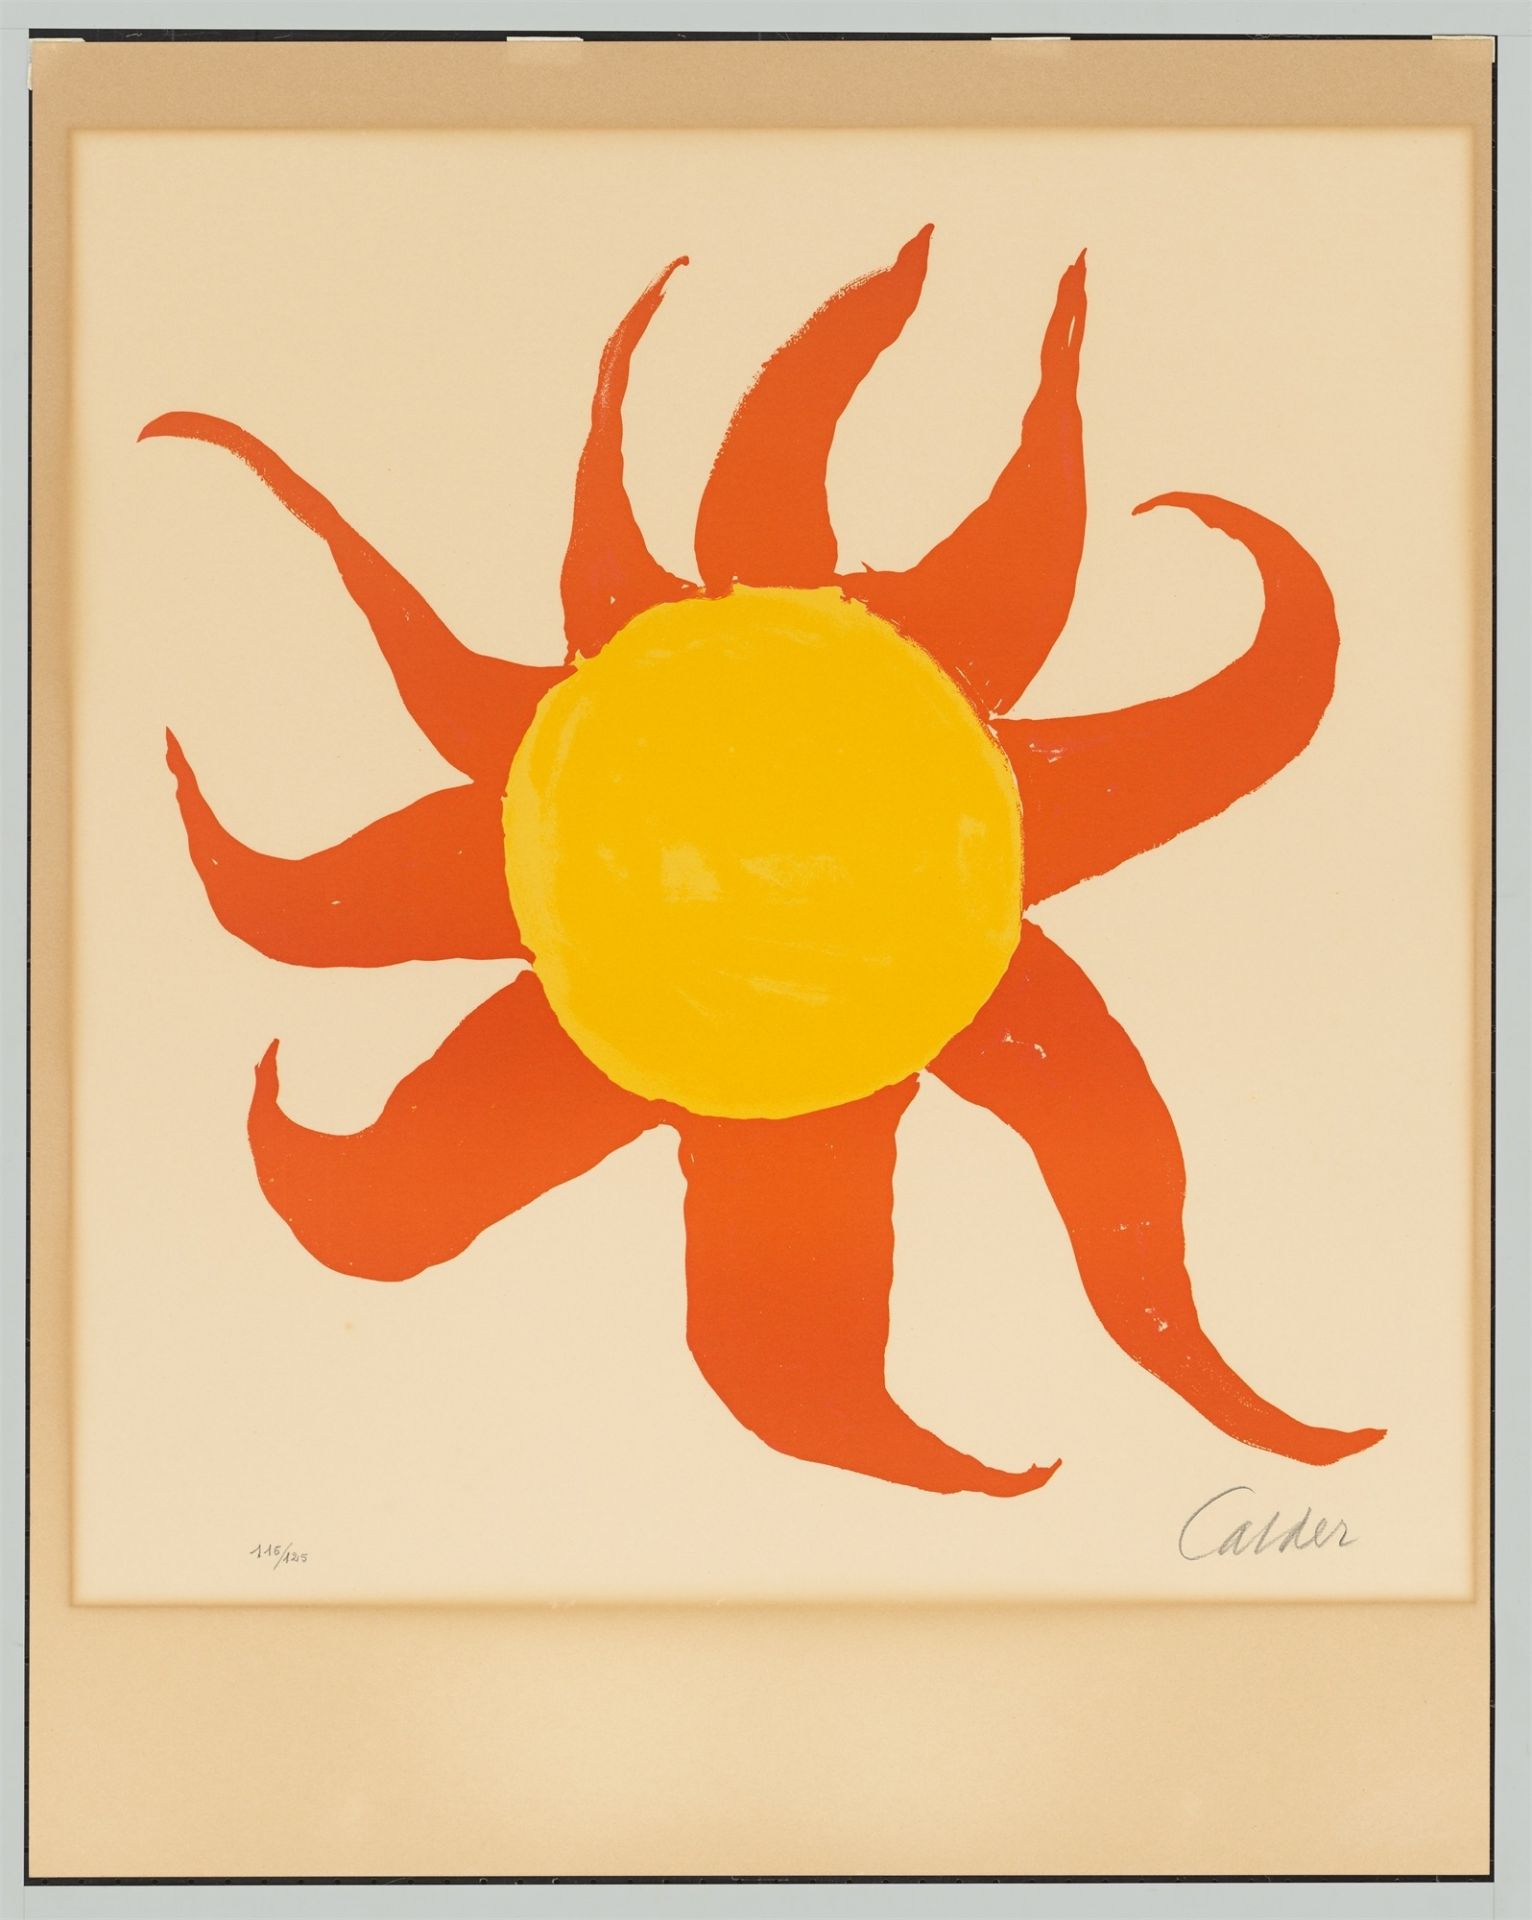 Alexander Calder. Red Sun. 1970 - Image 3 of 4